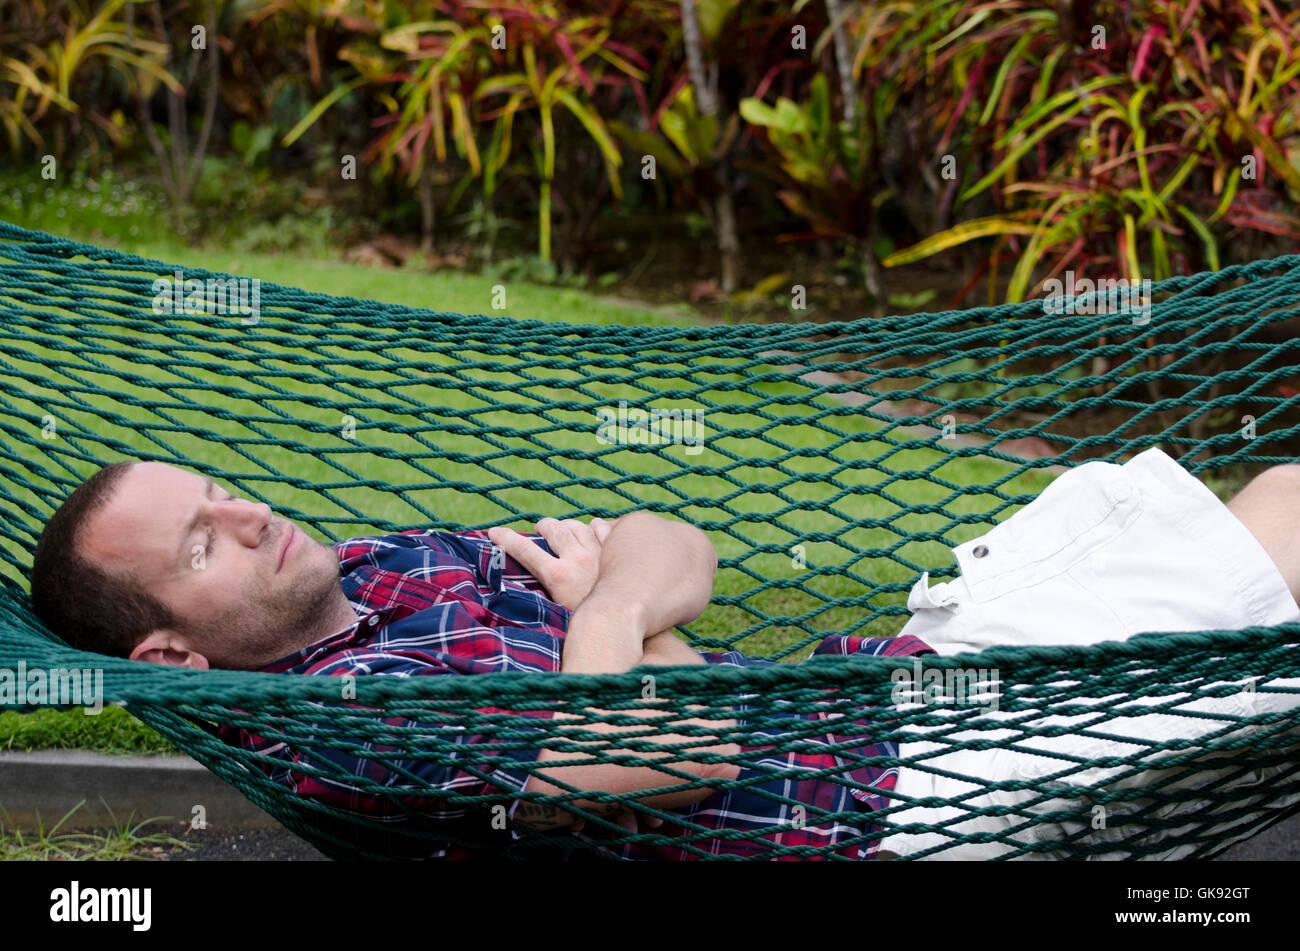 Uomo dorme in un'amaca con le braccia incrociate e gli occhi chiusi. Immagini Stock